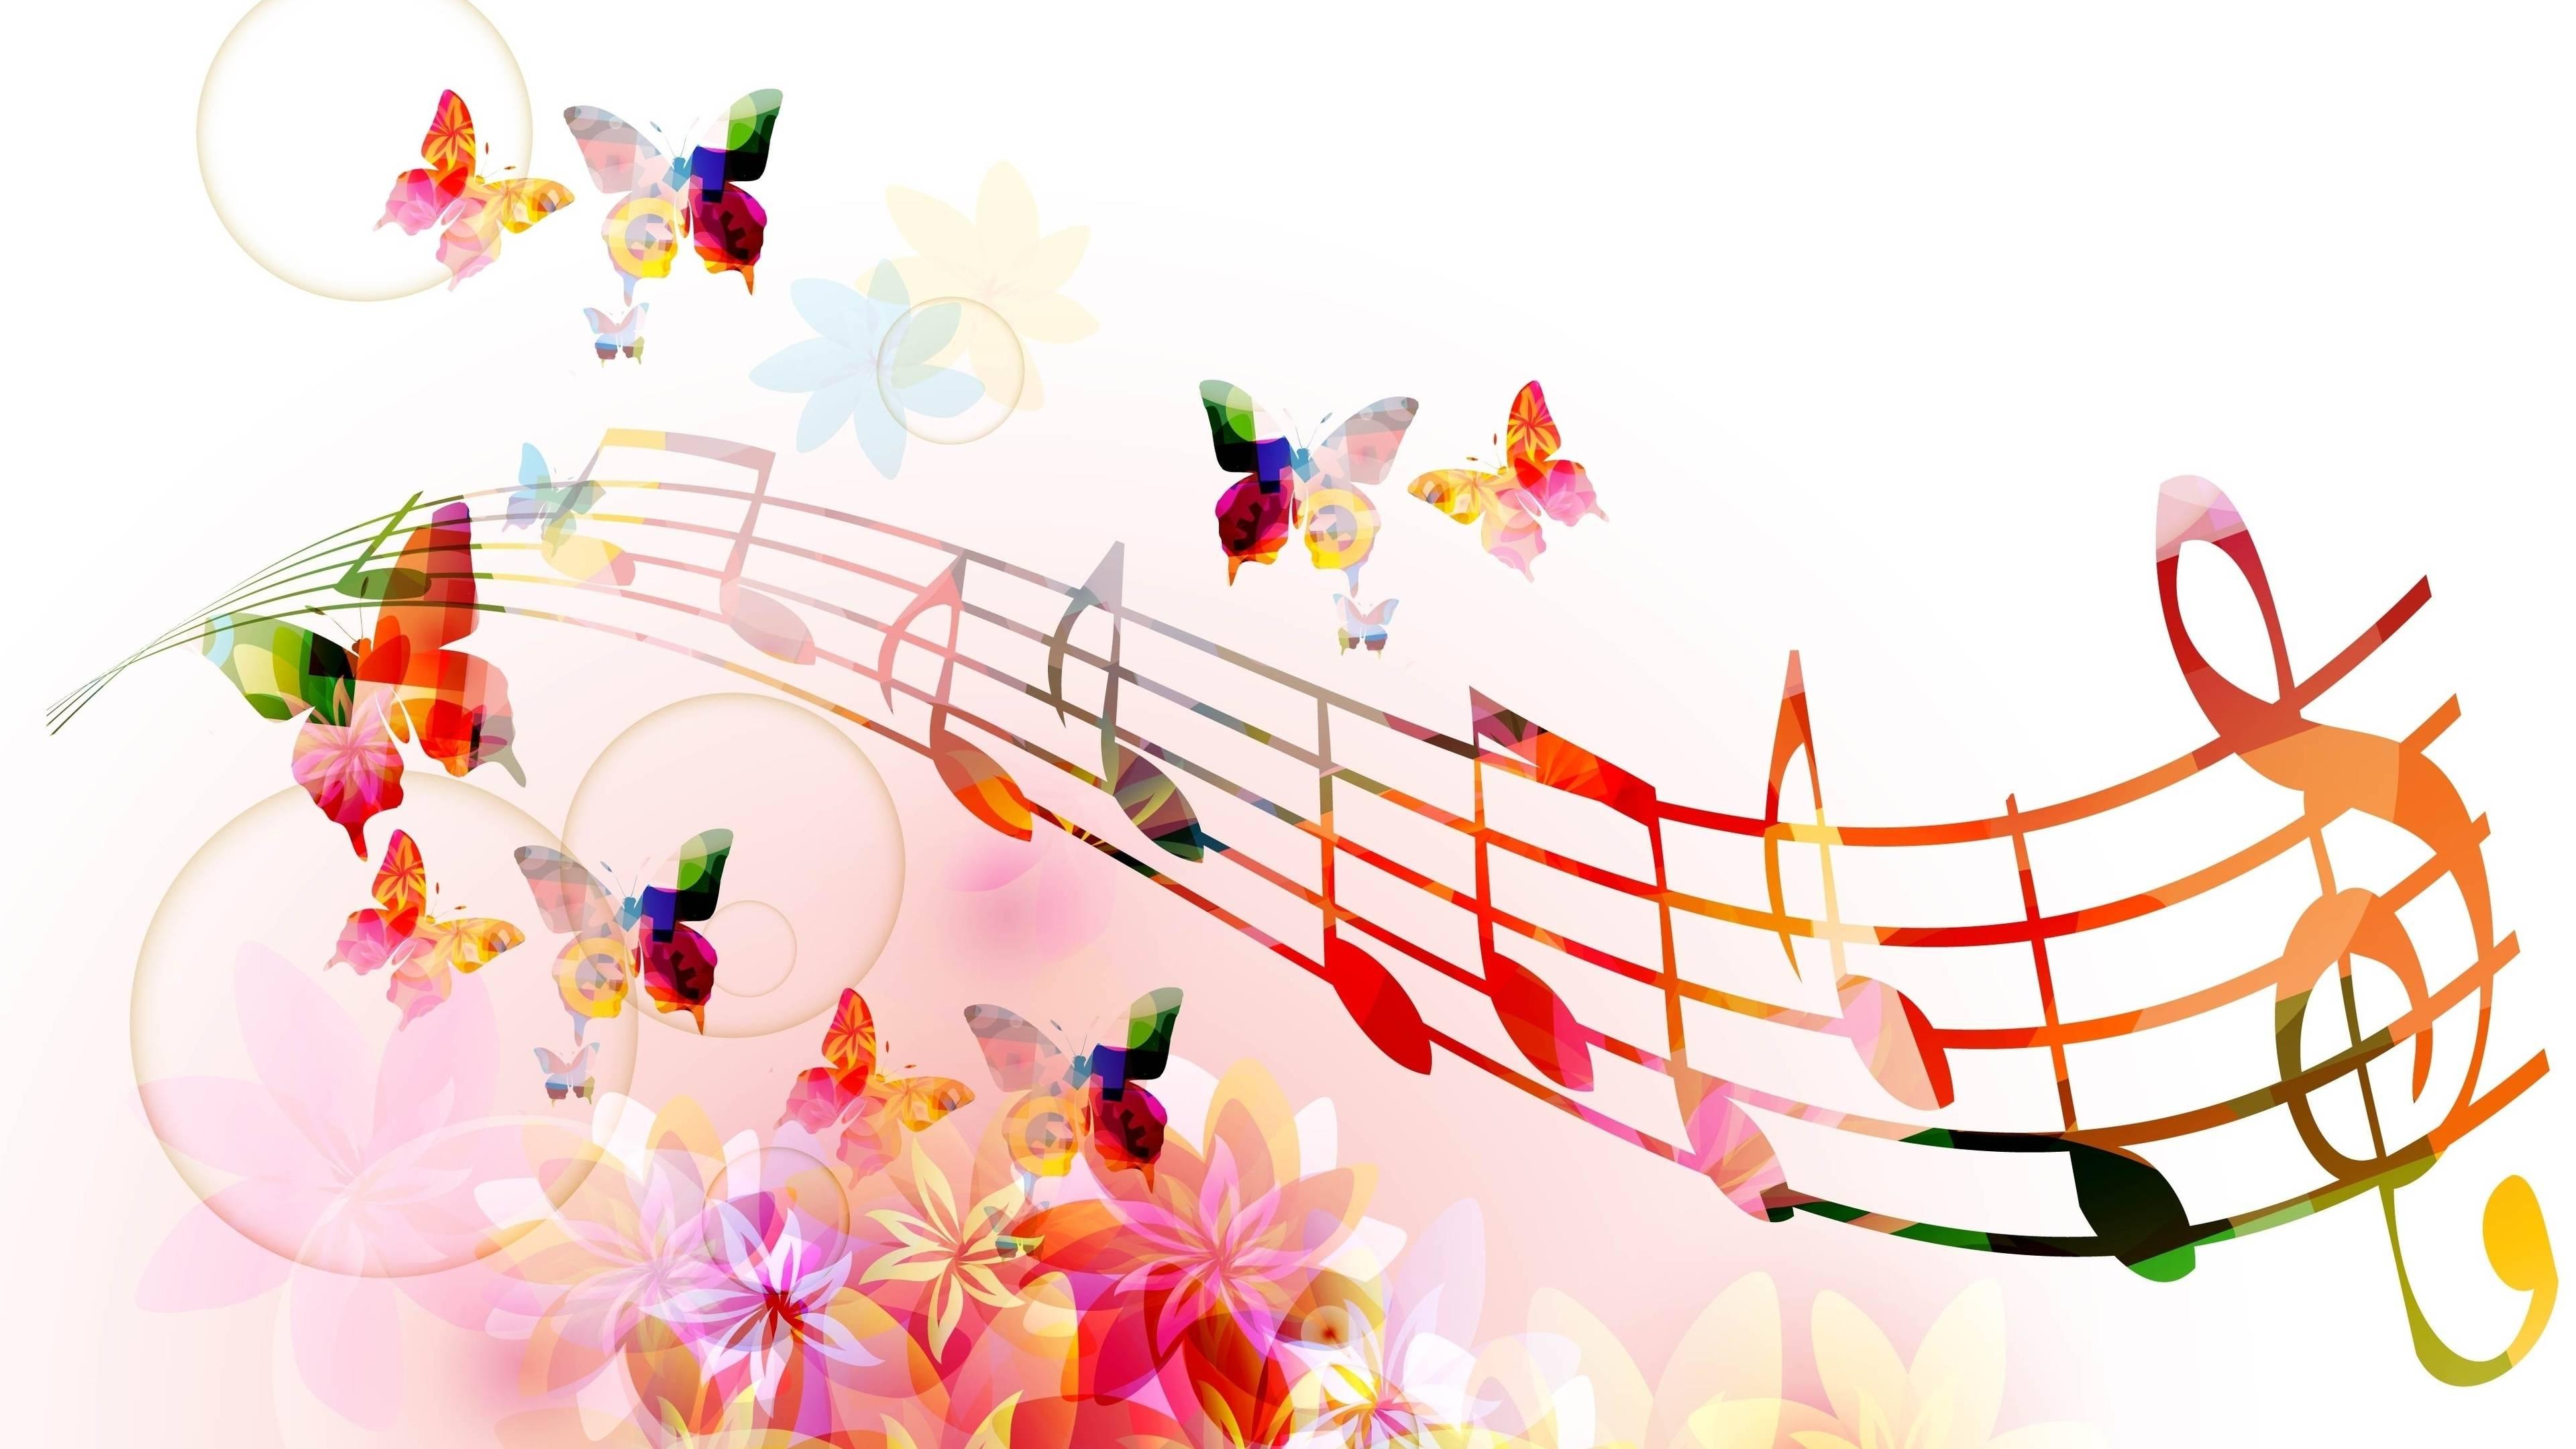 Фоновая музыка танцами людей — векторное изображение © zeber2010.